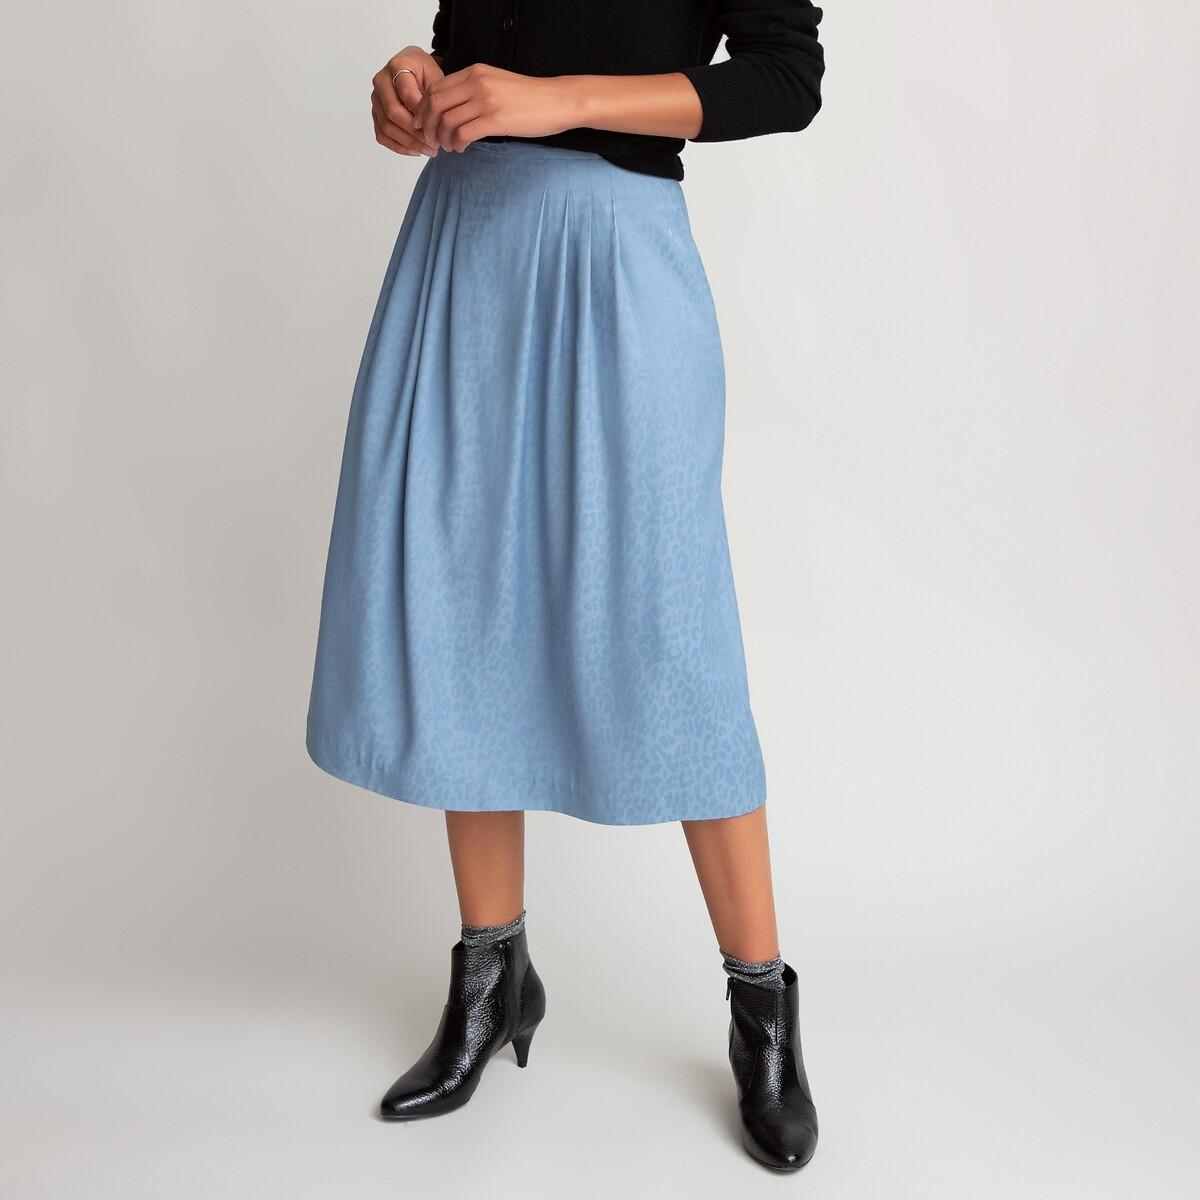 Фото - Юбка-миди LaRedoute Со складками из жаккардовой ткани с анималистичным принтом 38 (FR) - 44 (RUS) синий 12storeez юбка миди со складками спереди